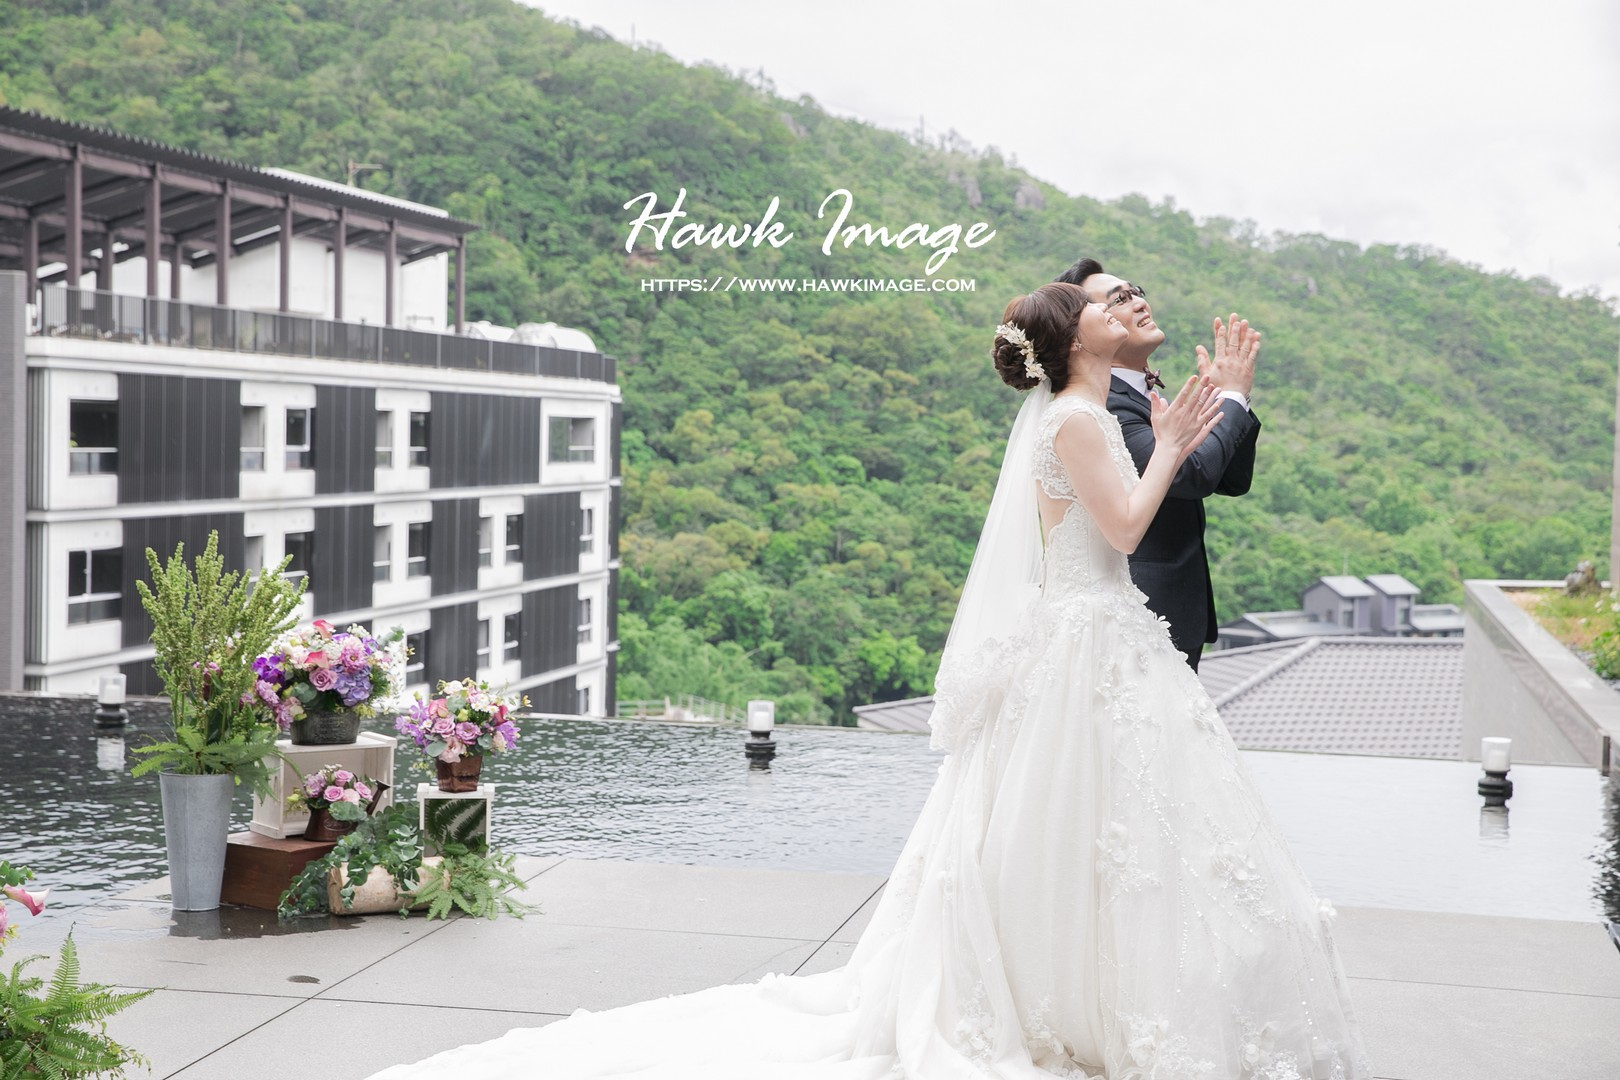 結婚宴客 Hawk Image 2019 婚攝作品 婚禮攝影推薦 ptt 婚禮錄影 ptt